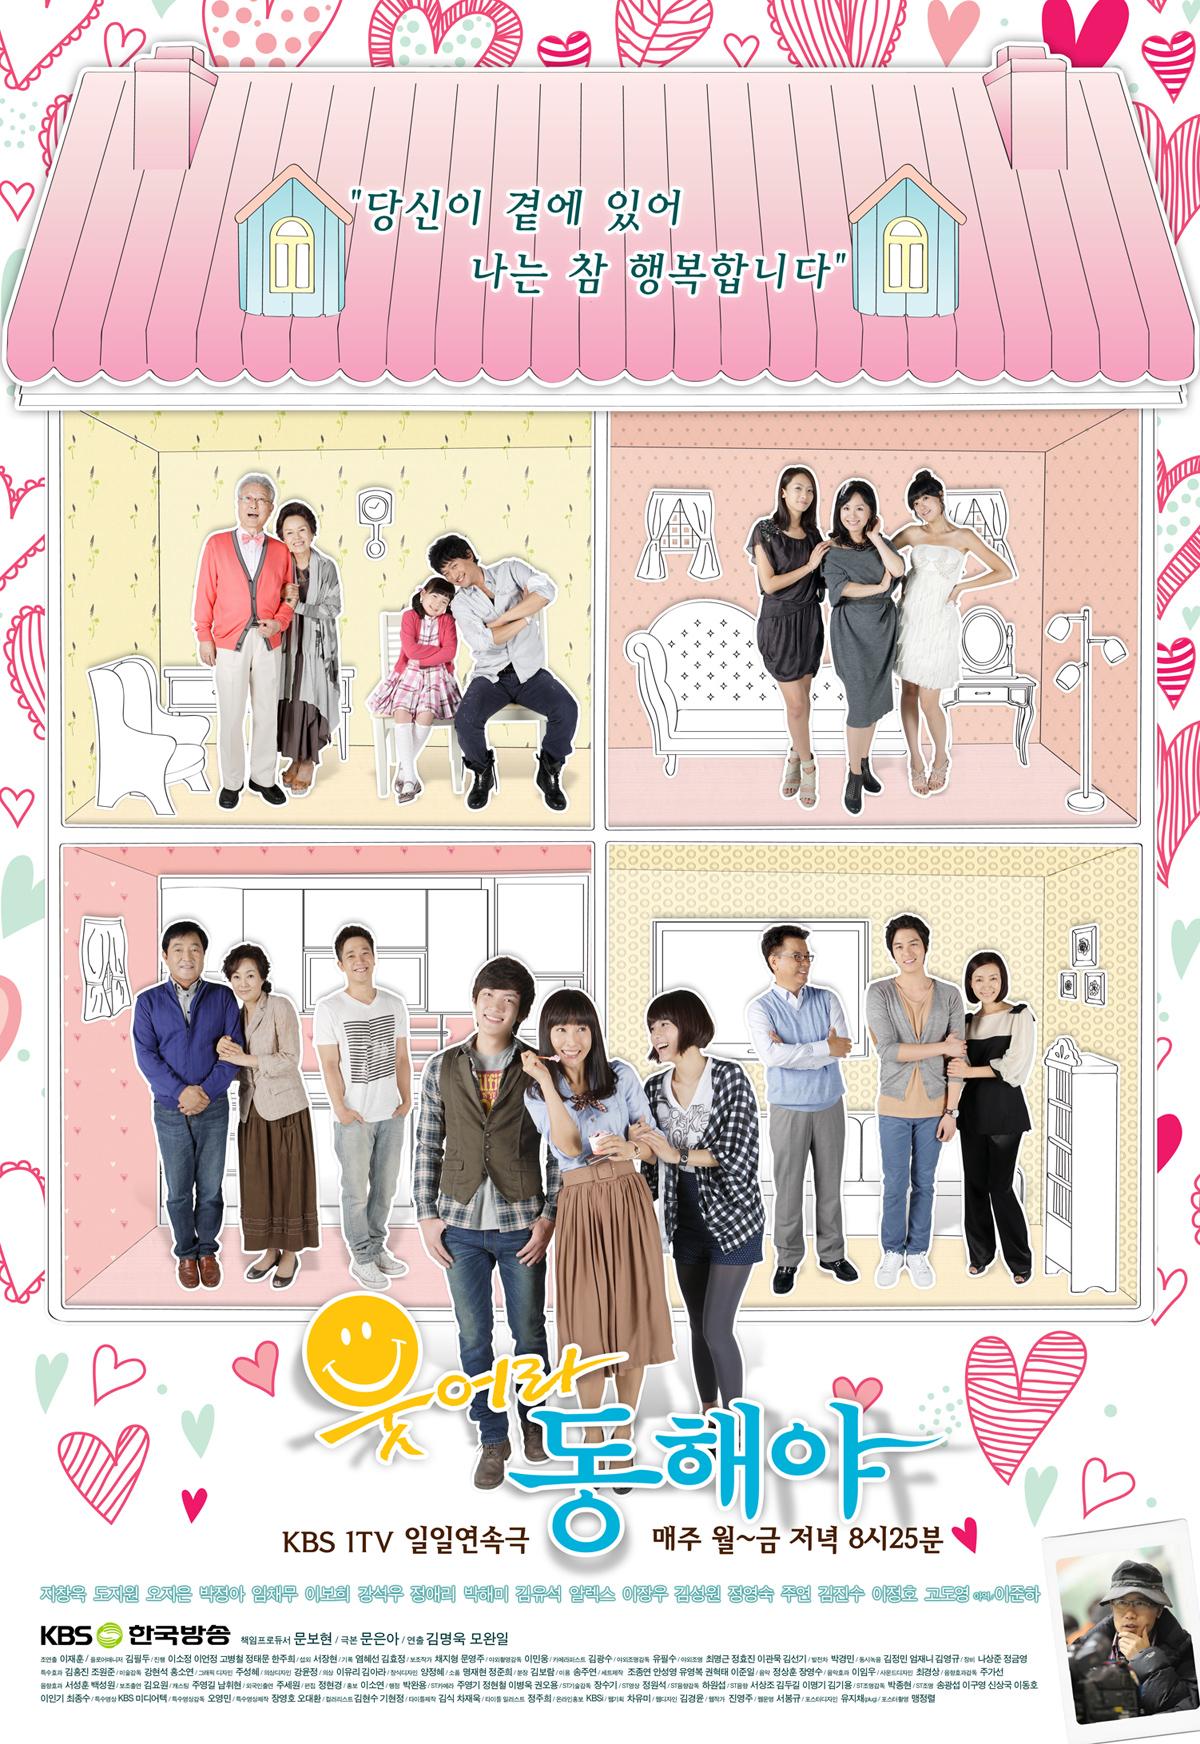 2010 Korean Dramas Smile DongHae